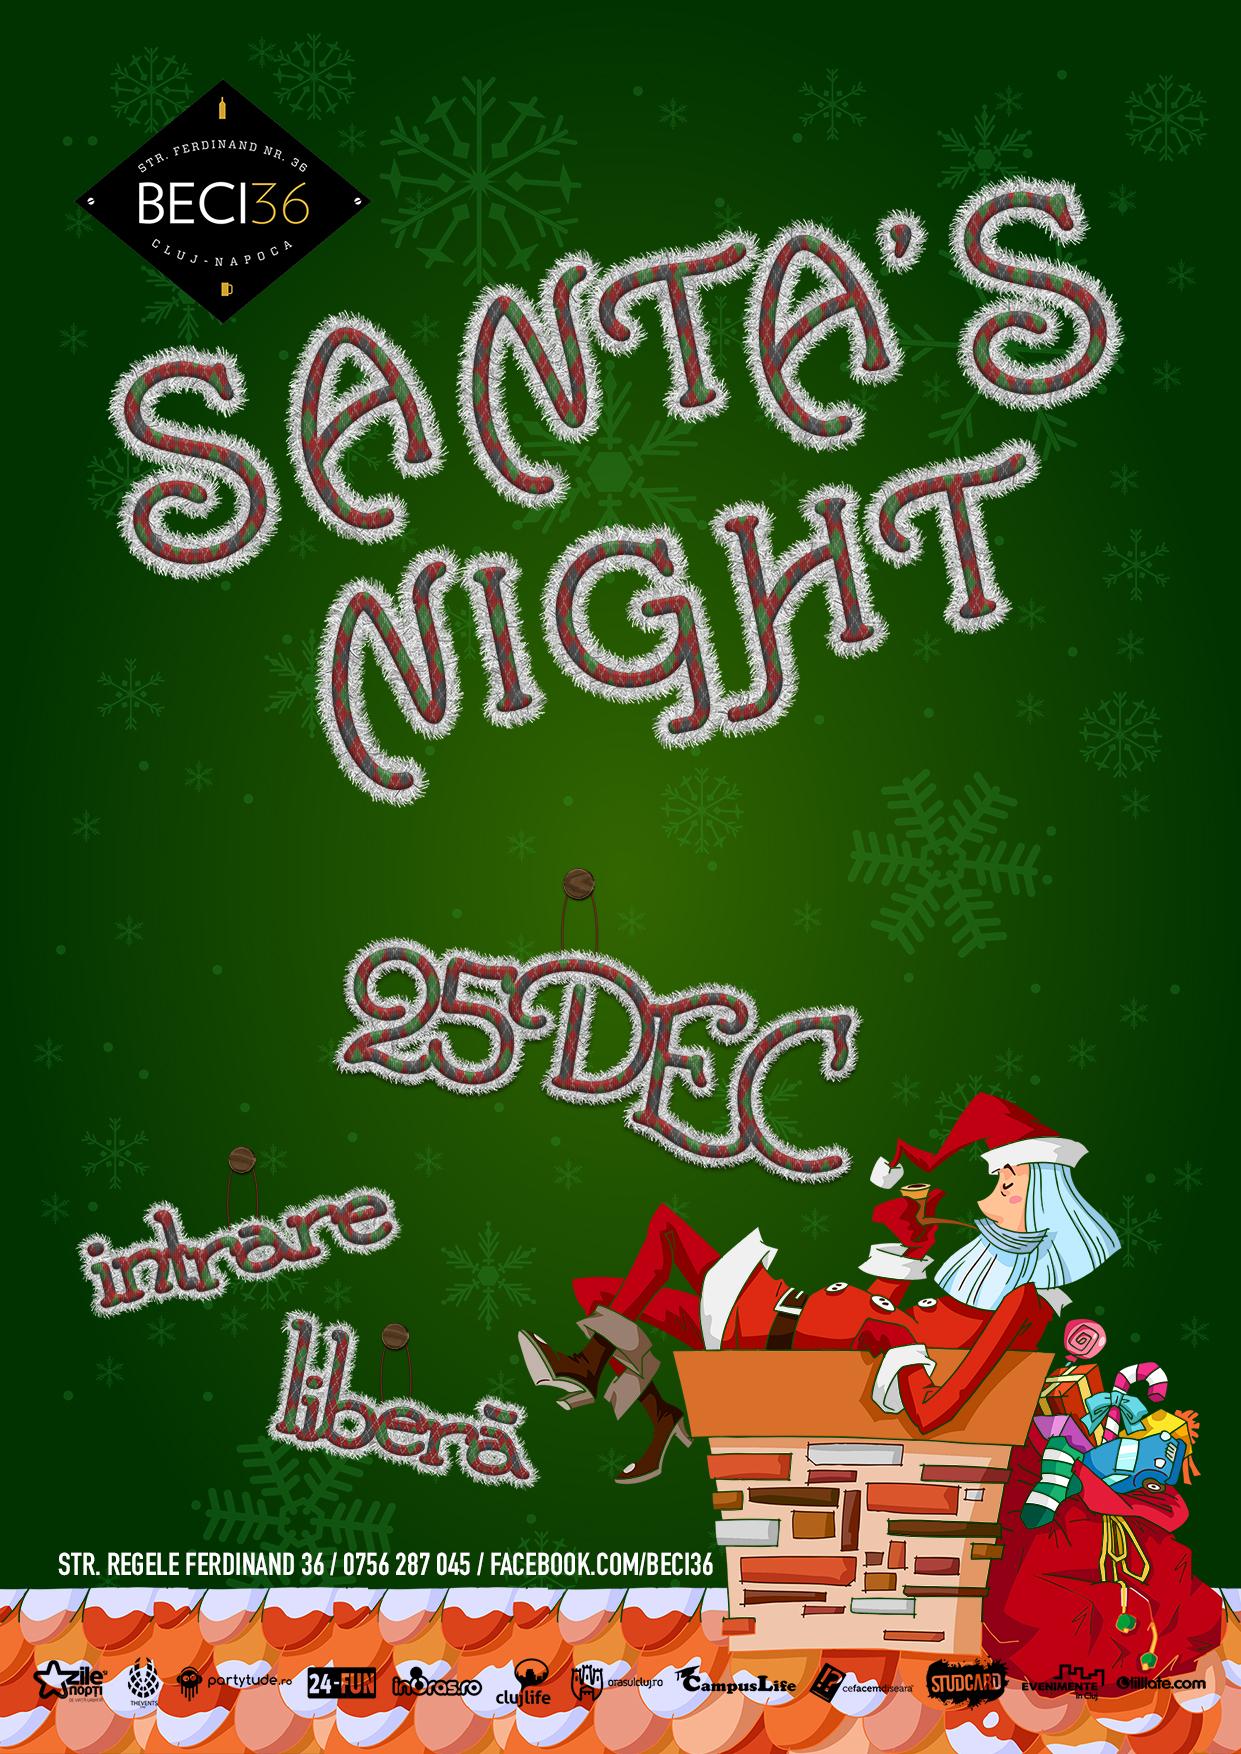 Santa's Night @ Beci 36